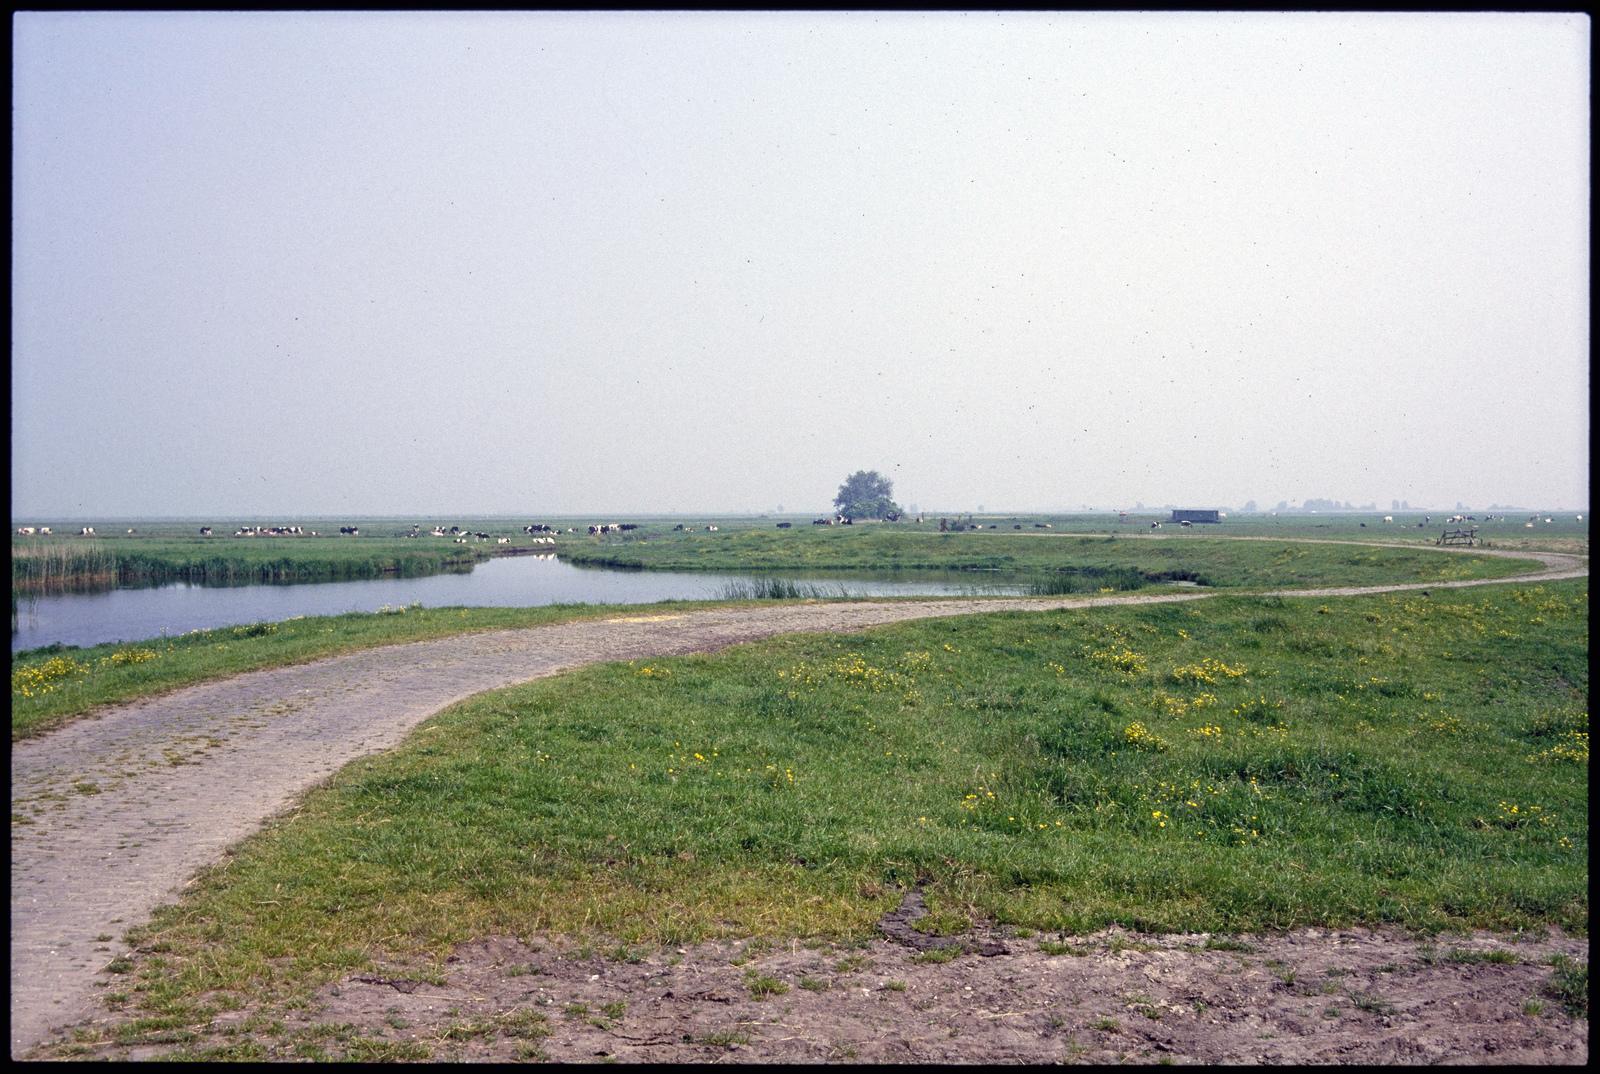 De Zomerdijk in de polder